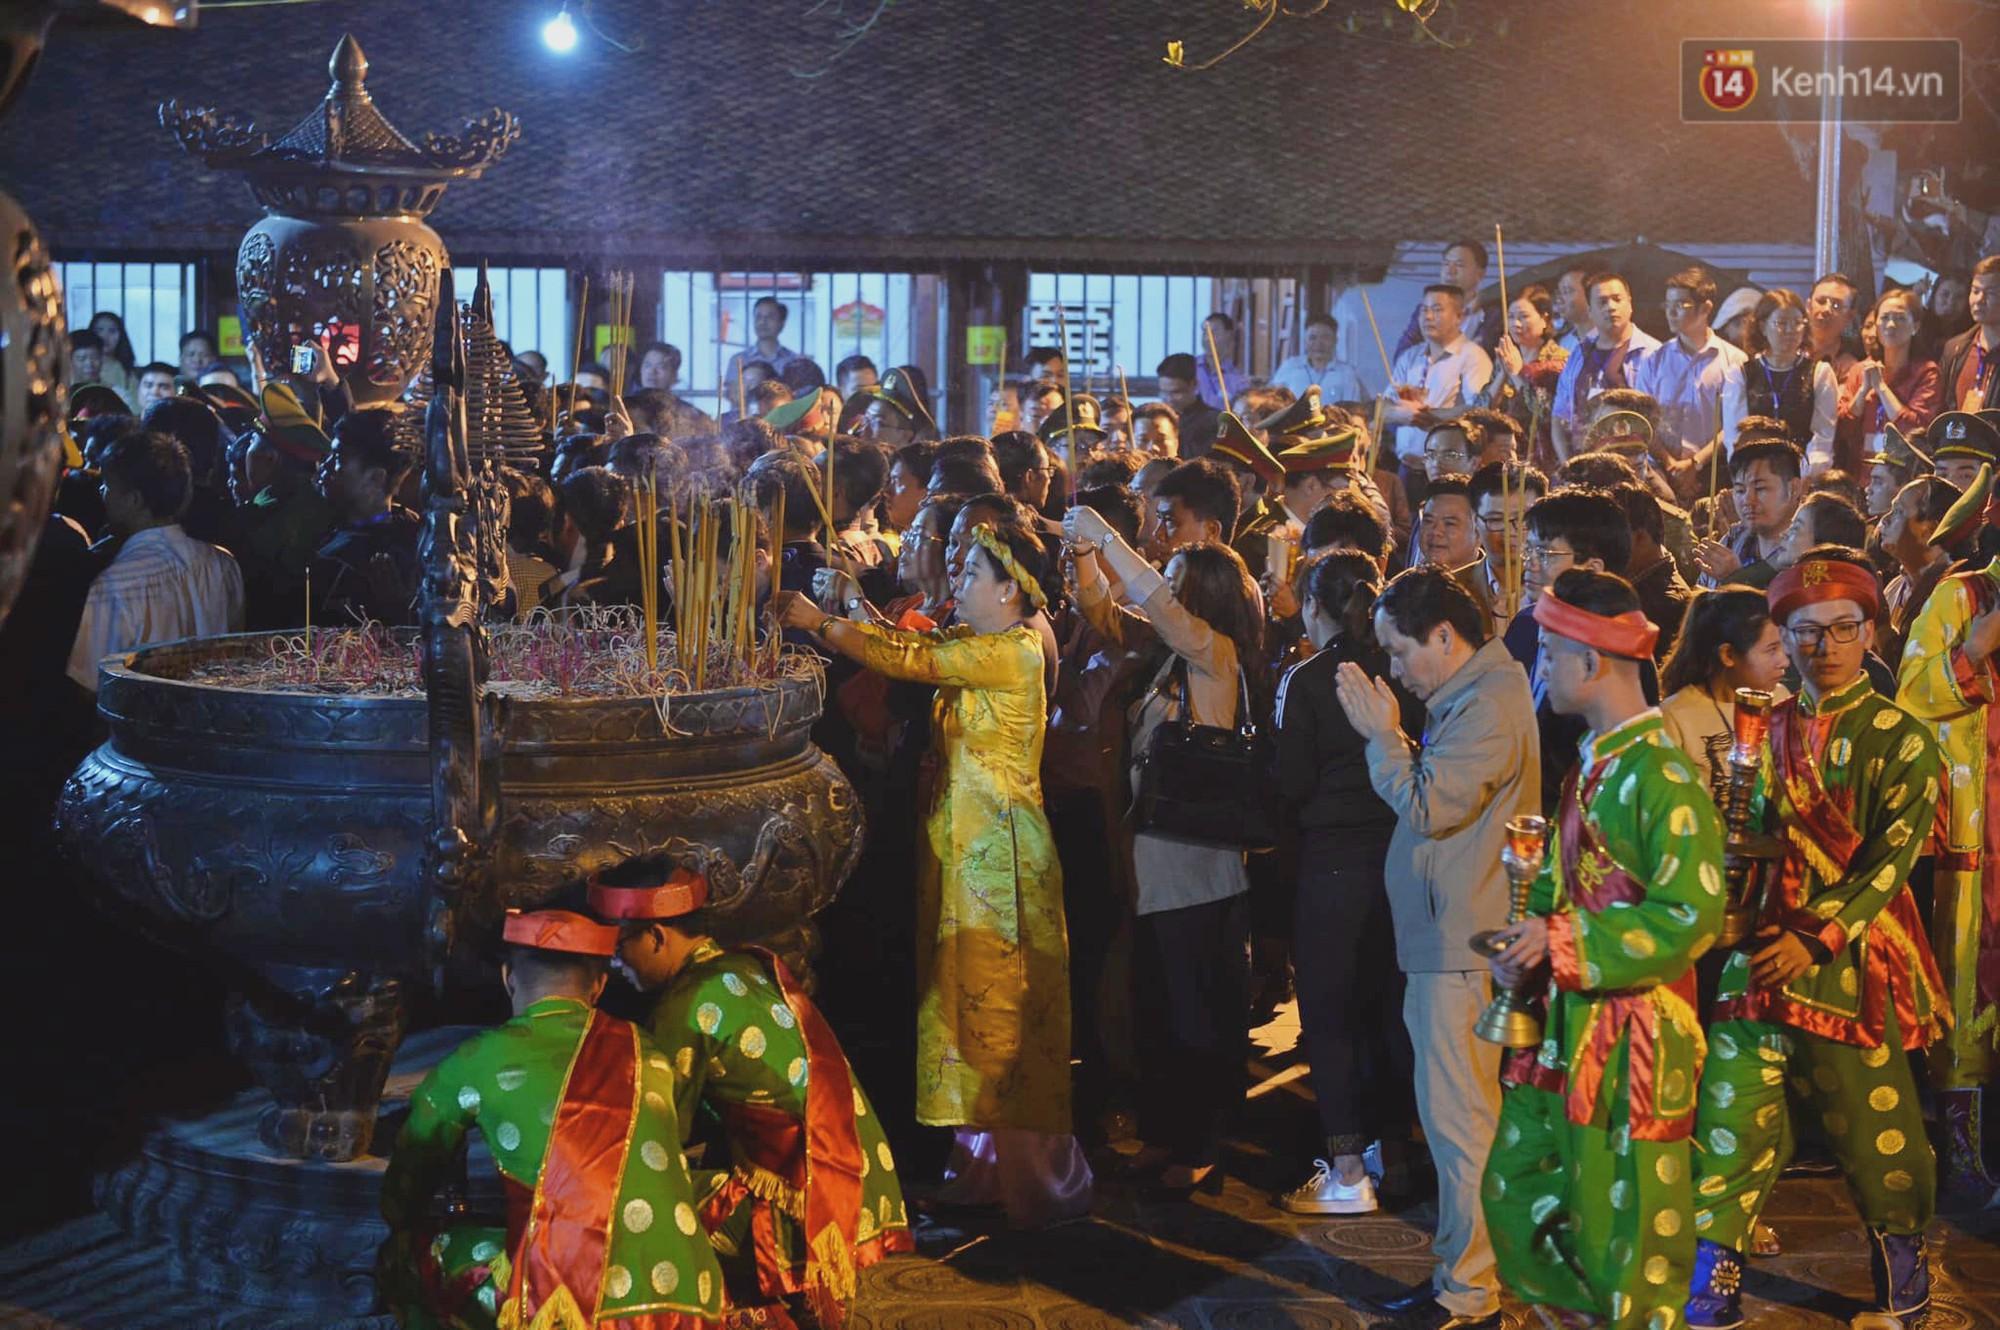 Người dân ném tiền vào kiệu ấn trước giờ khai hội tại Đền Trần - Ảnh 6.